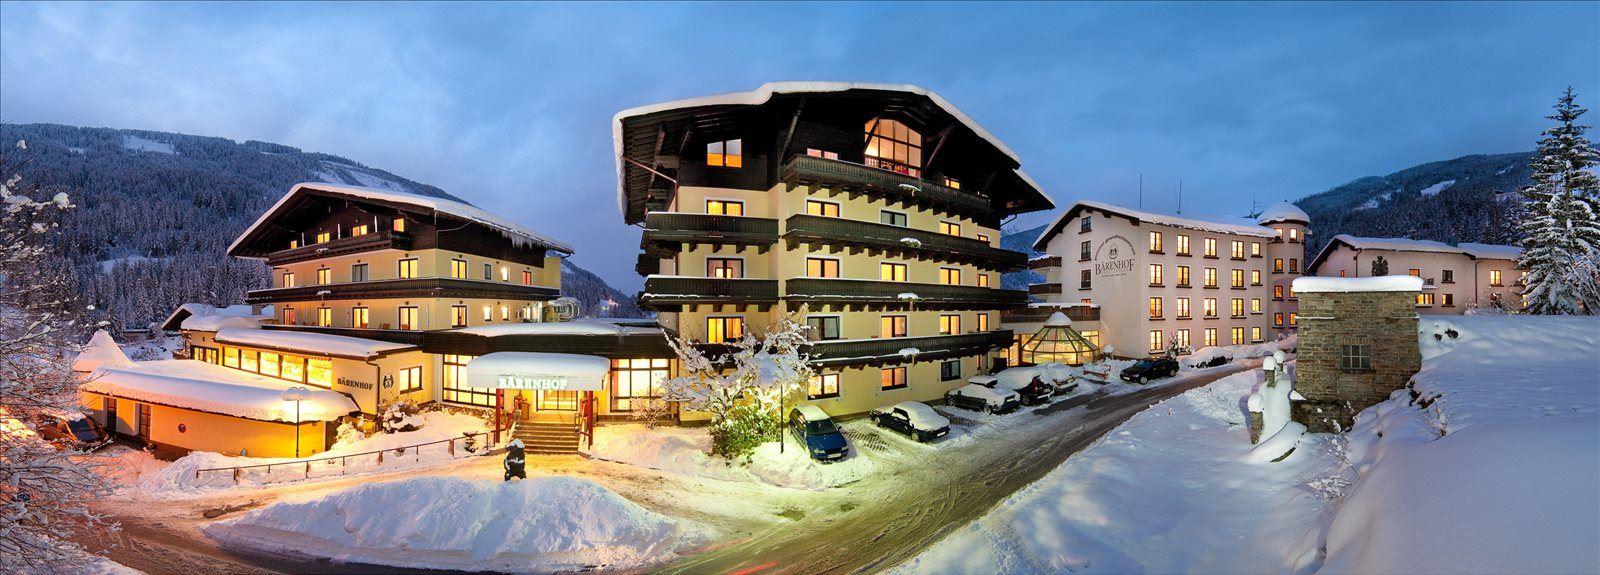 Hotel Bärenhof - Bad Gastein